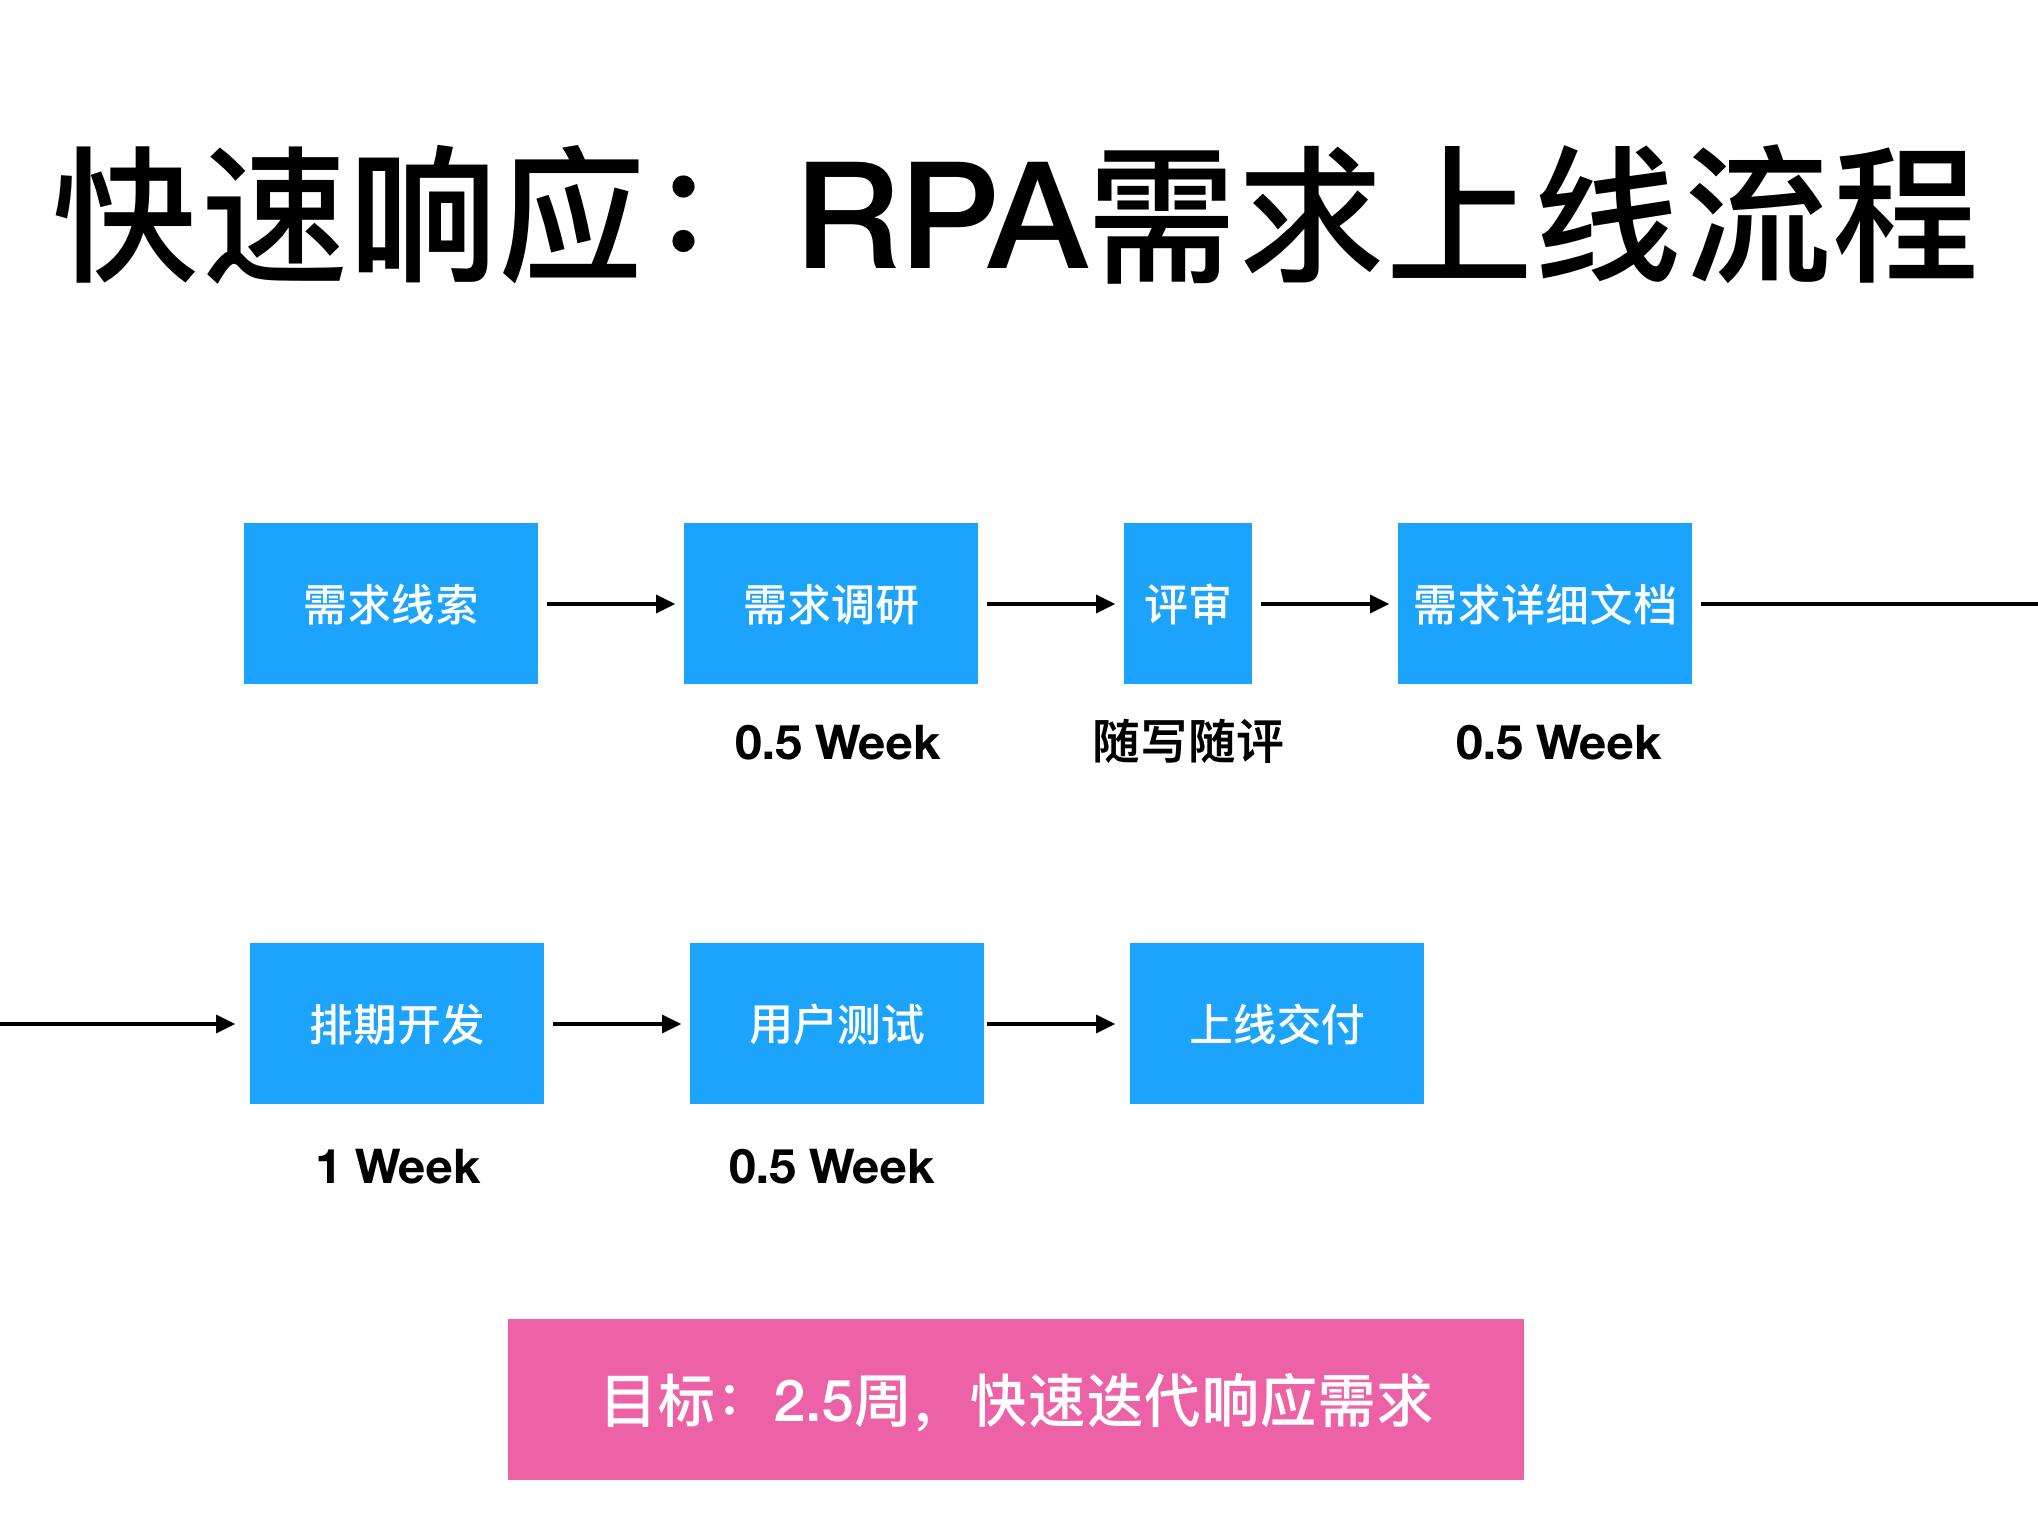 RPA(虚拟员工)在互联网公司的应用插图(8)